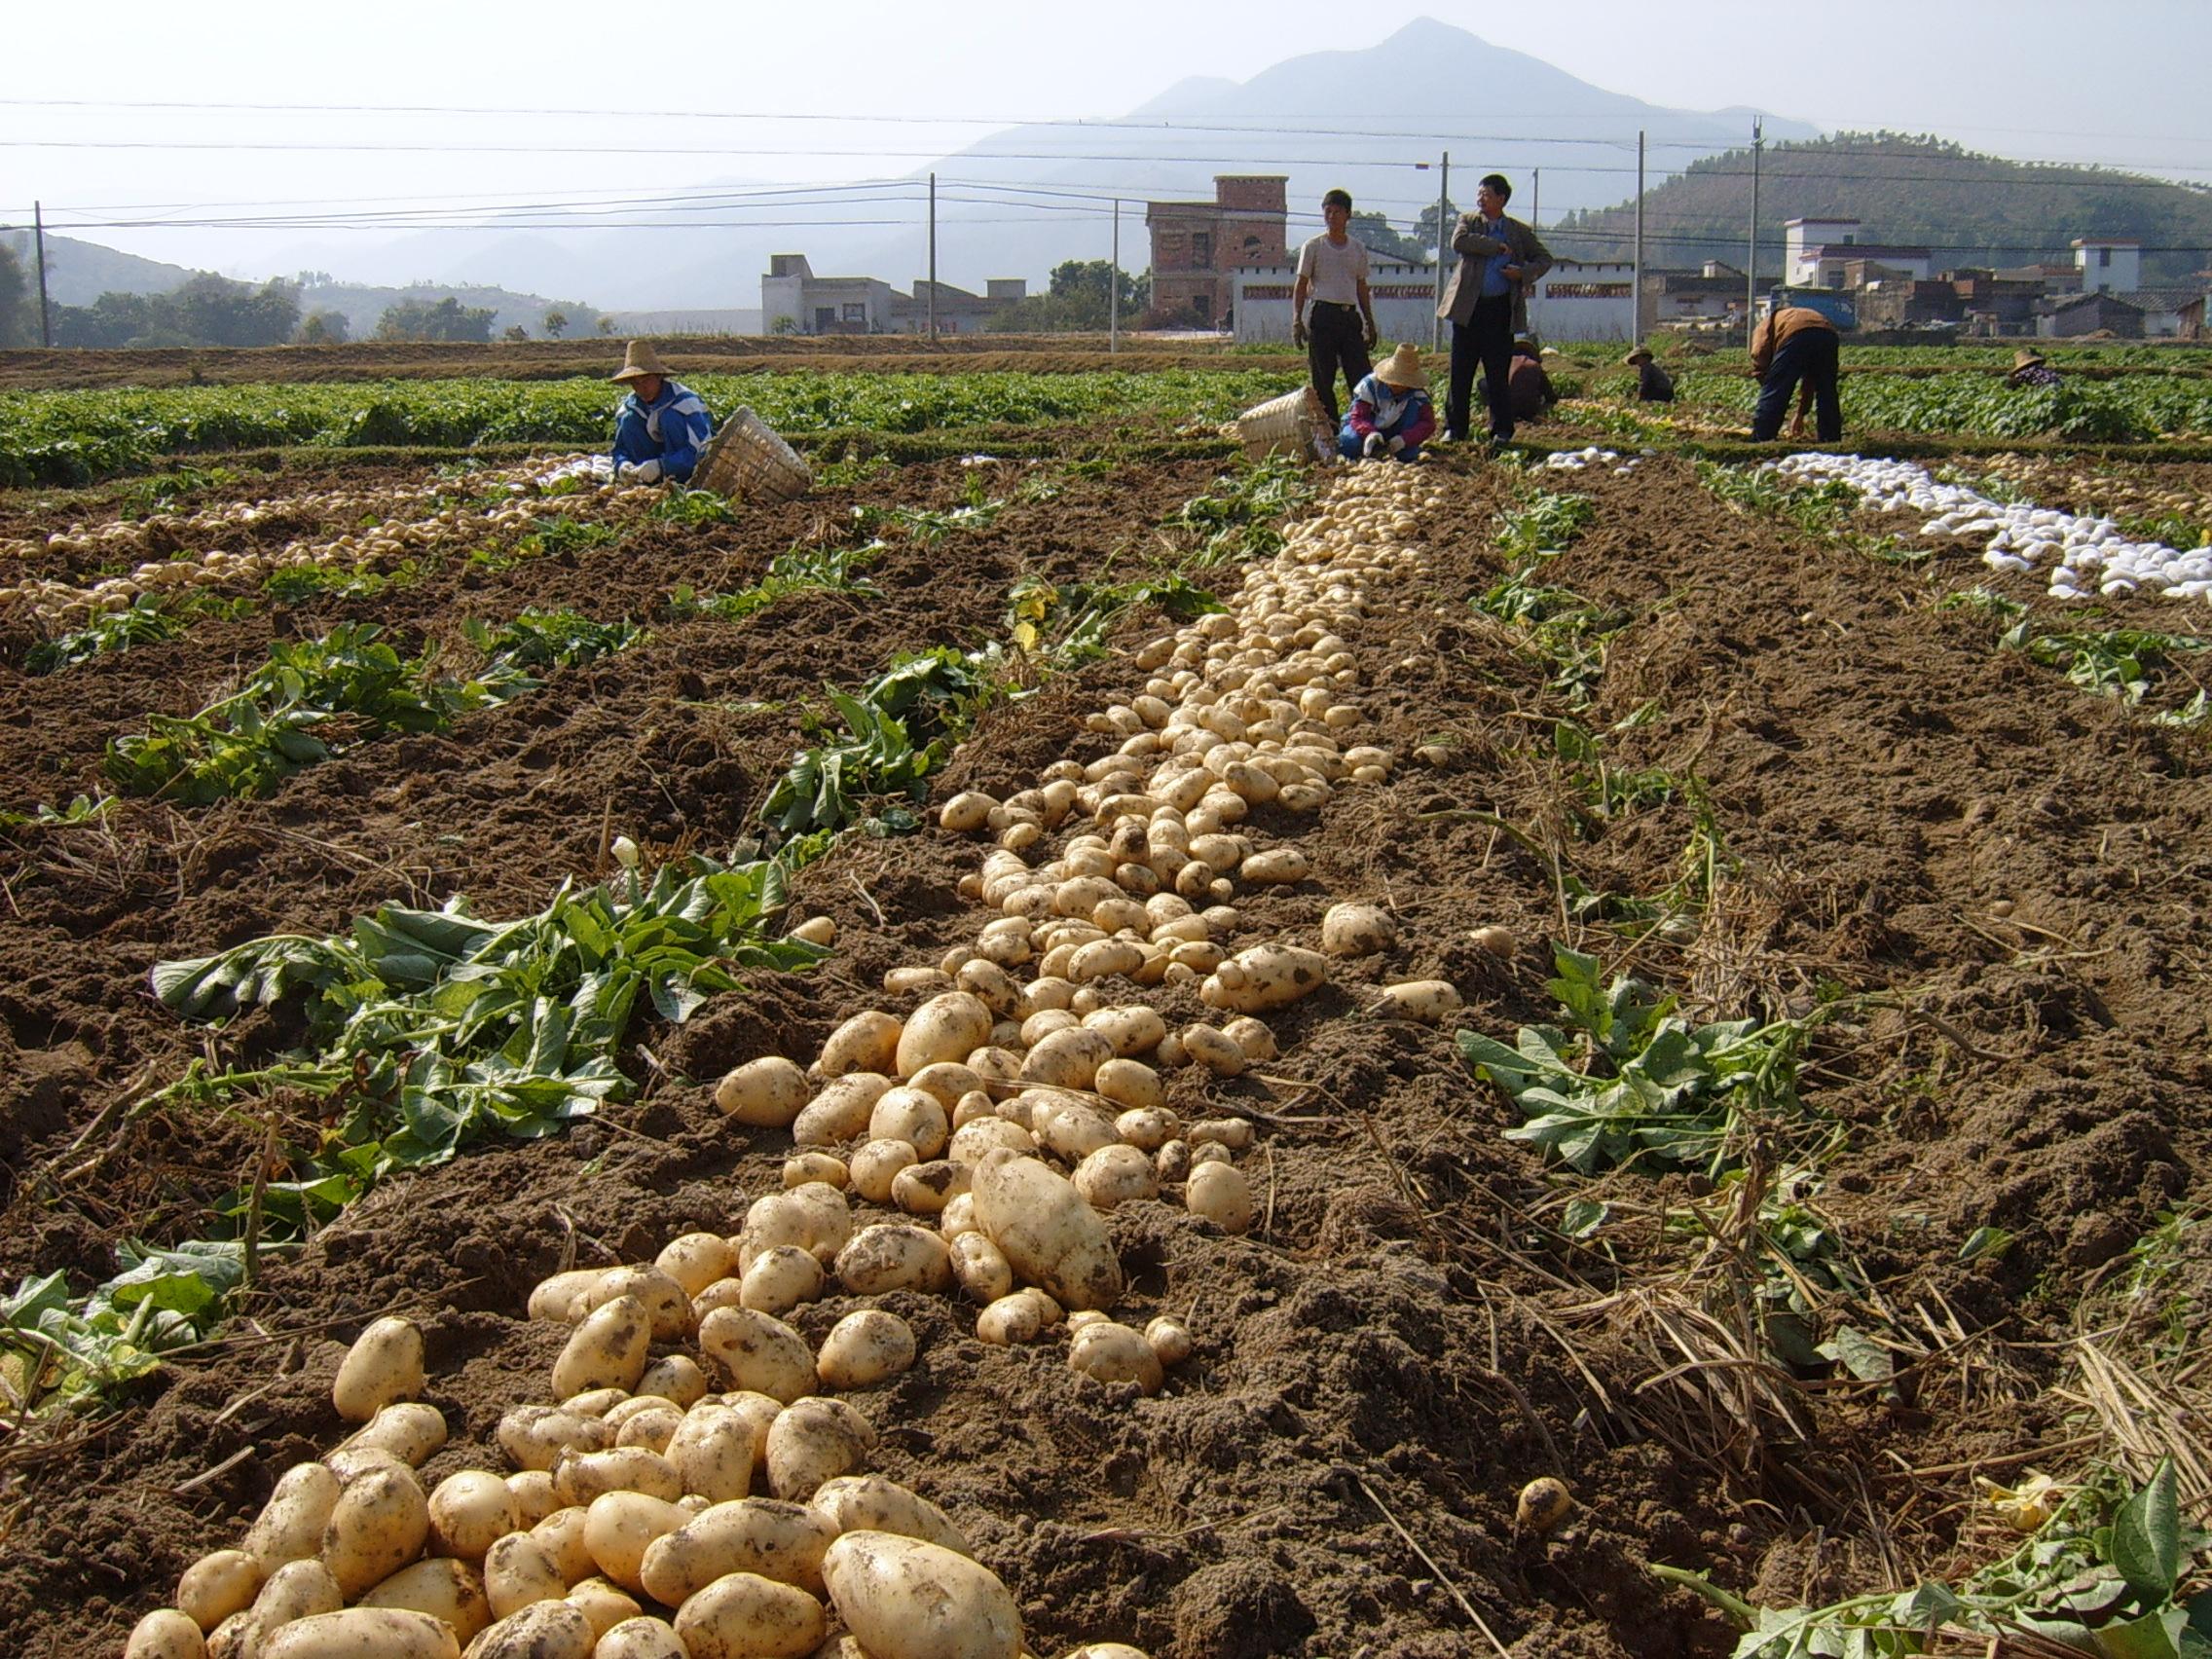 """农村和菜市场随处可见""""地下苹果"""", 美容养颜降血脂,涨知识"""